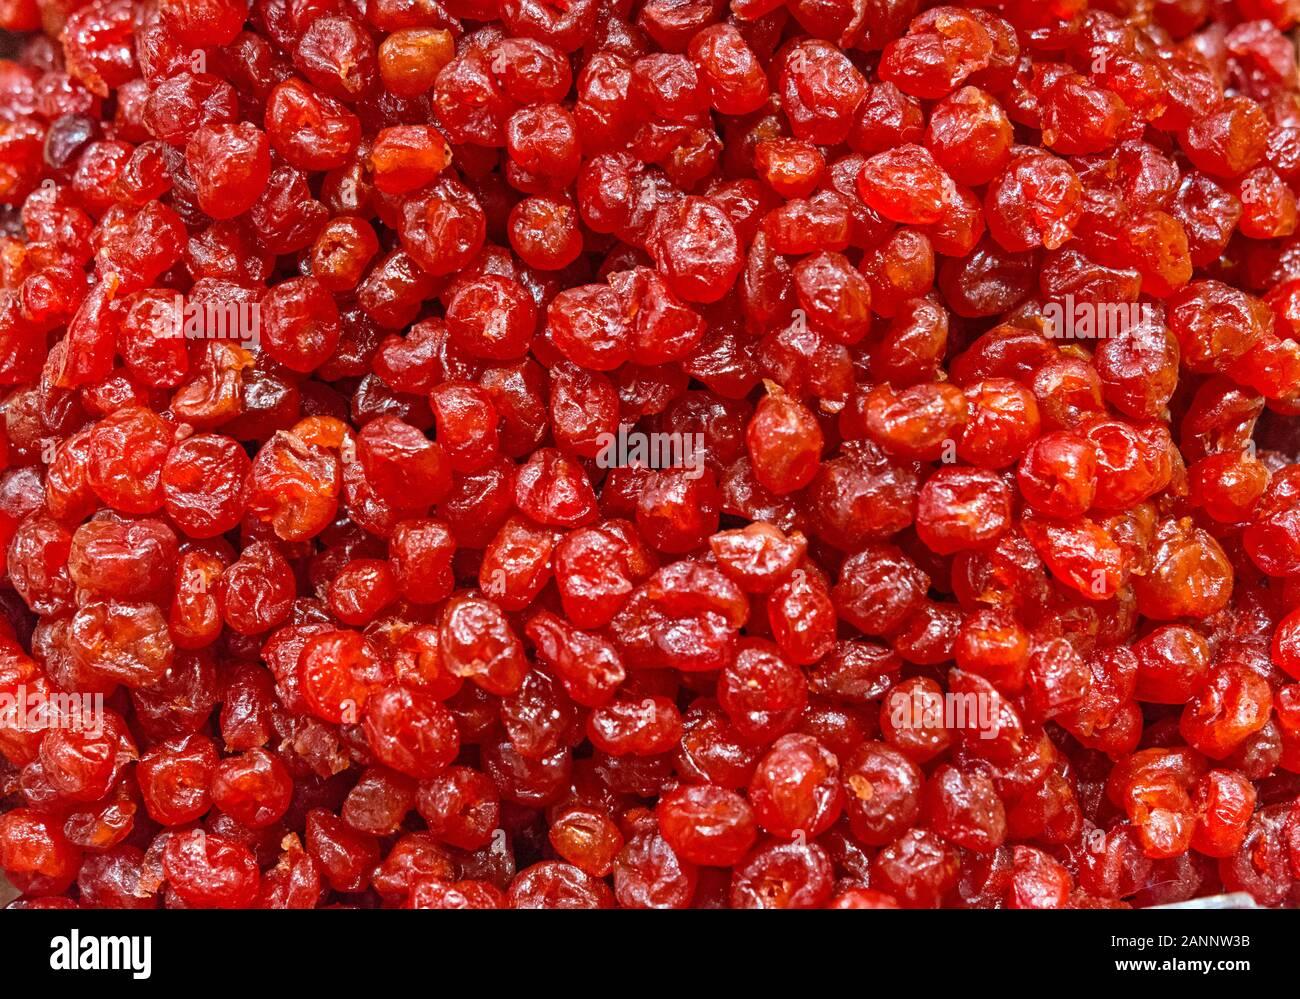 Kirsche Frucht getrocknet als Hintergrund Stockfoto